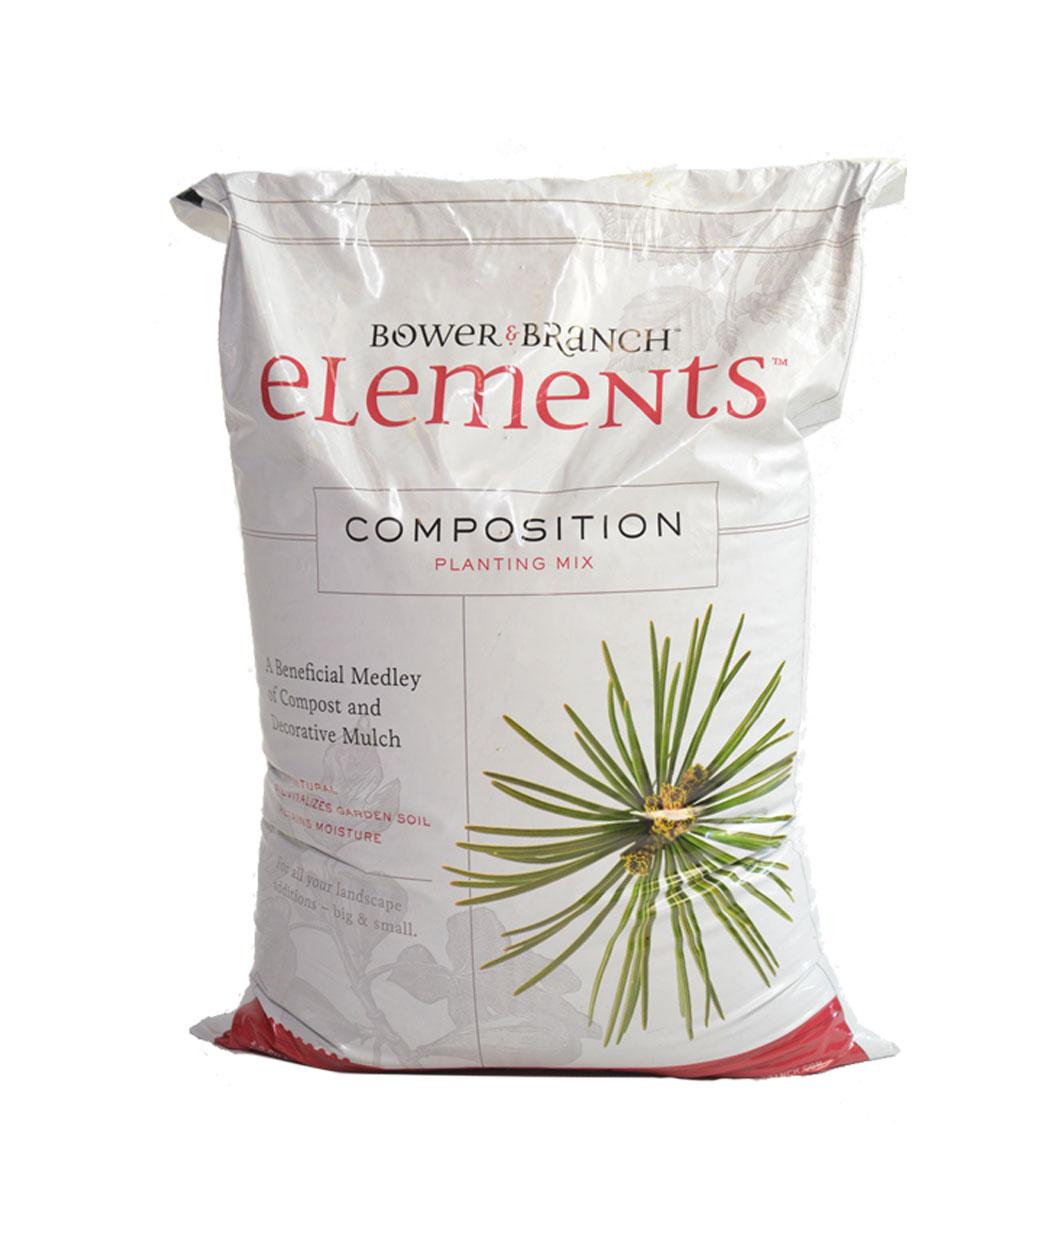 Elements® Composition Planting Mix